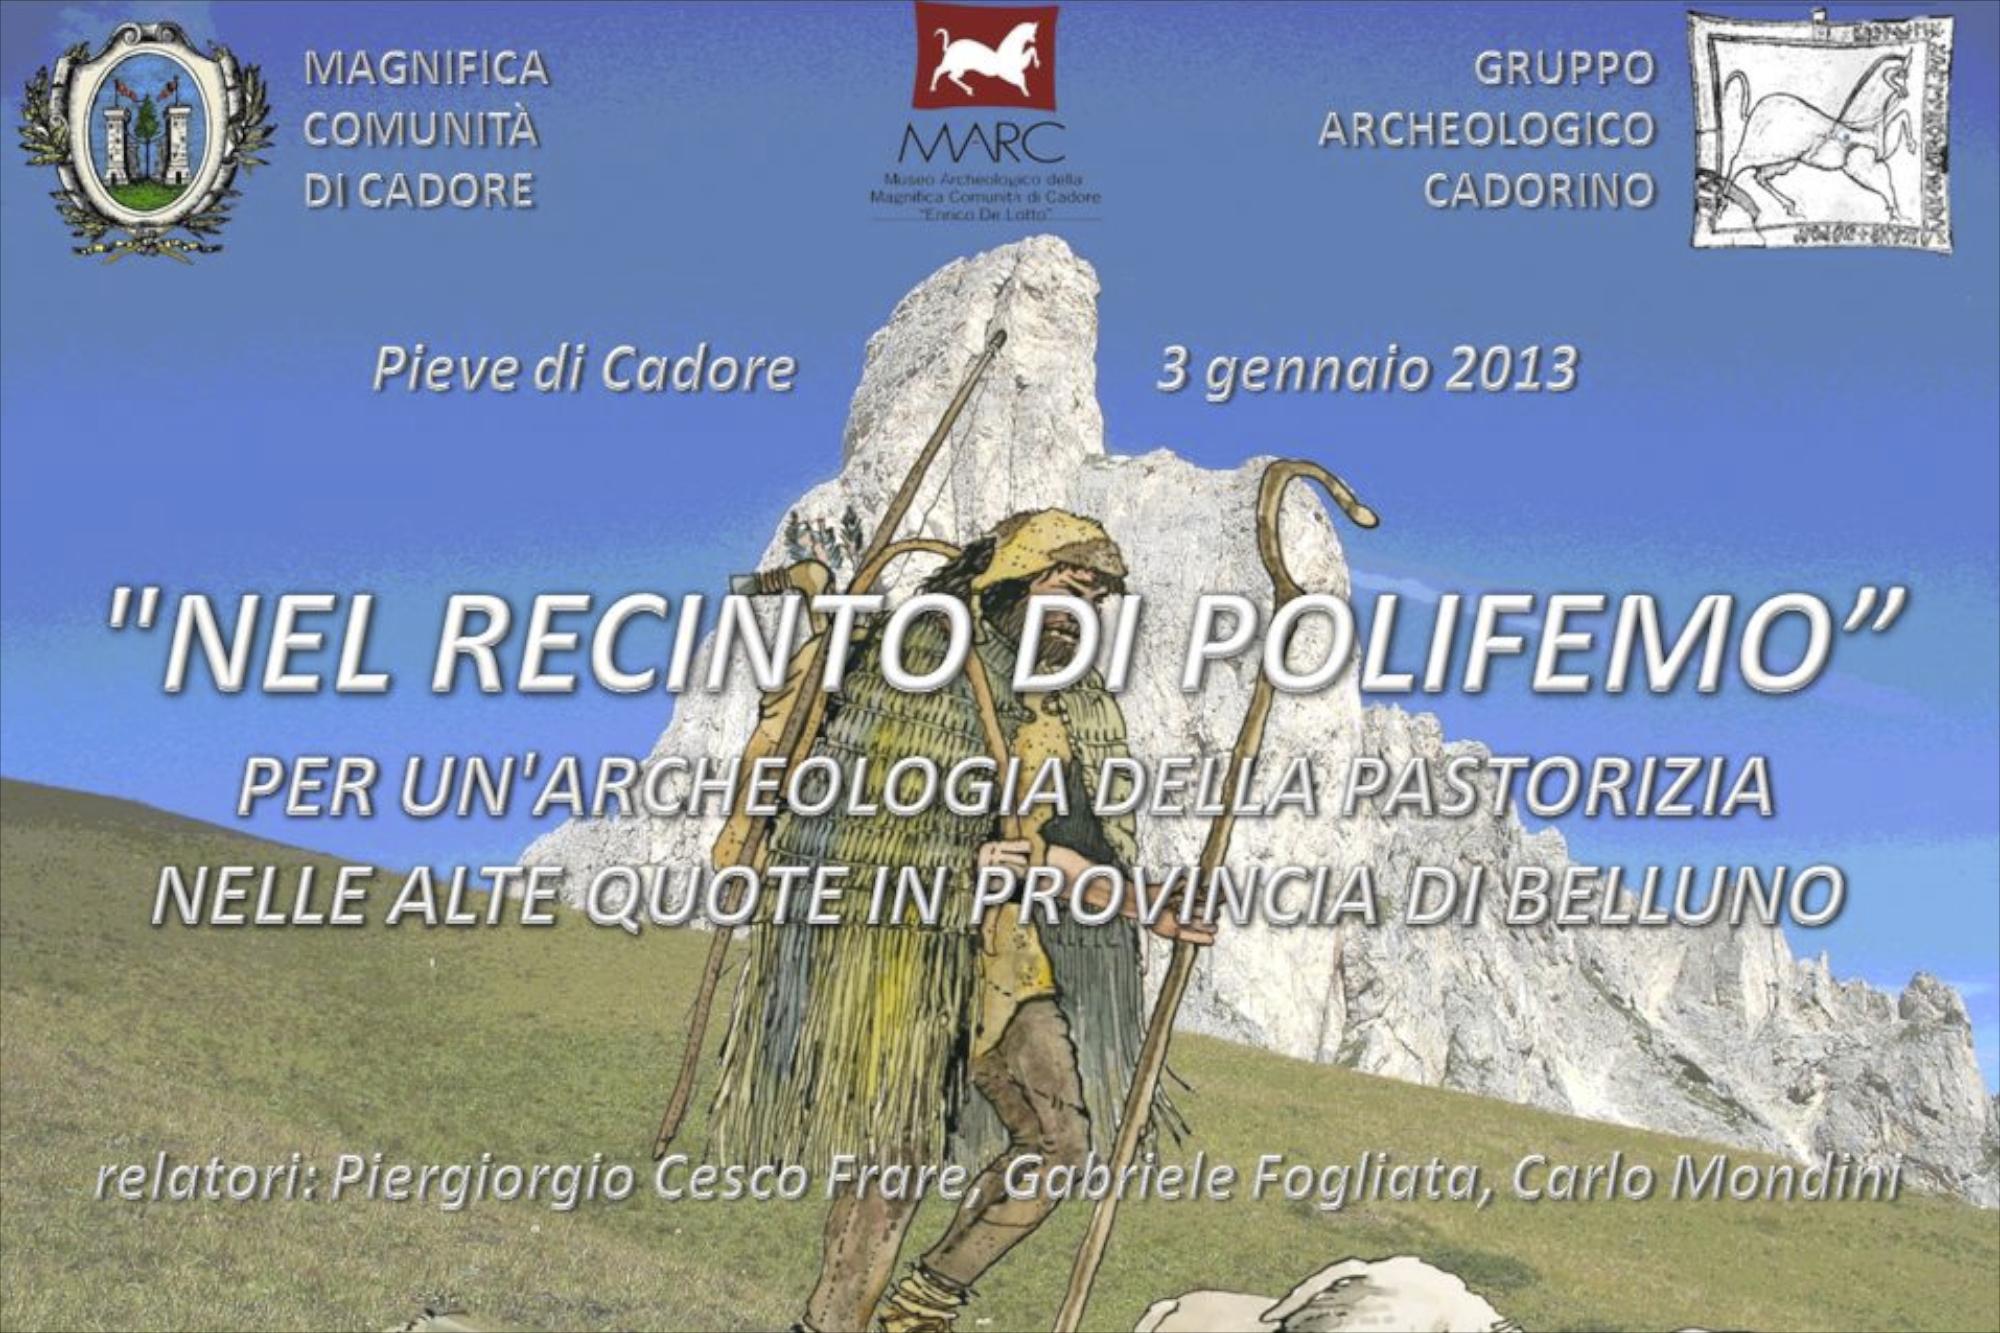 La copertina della conferenza